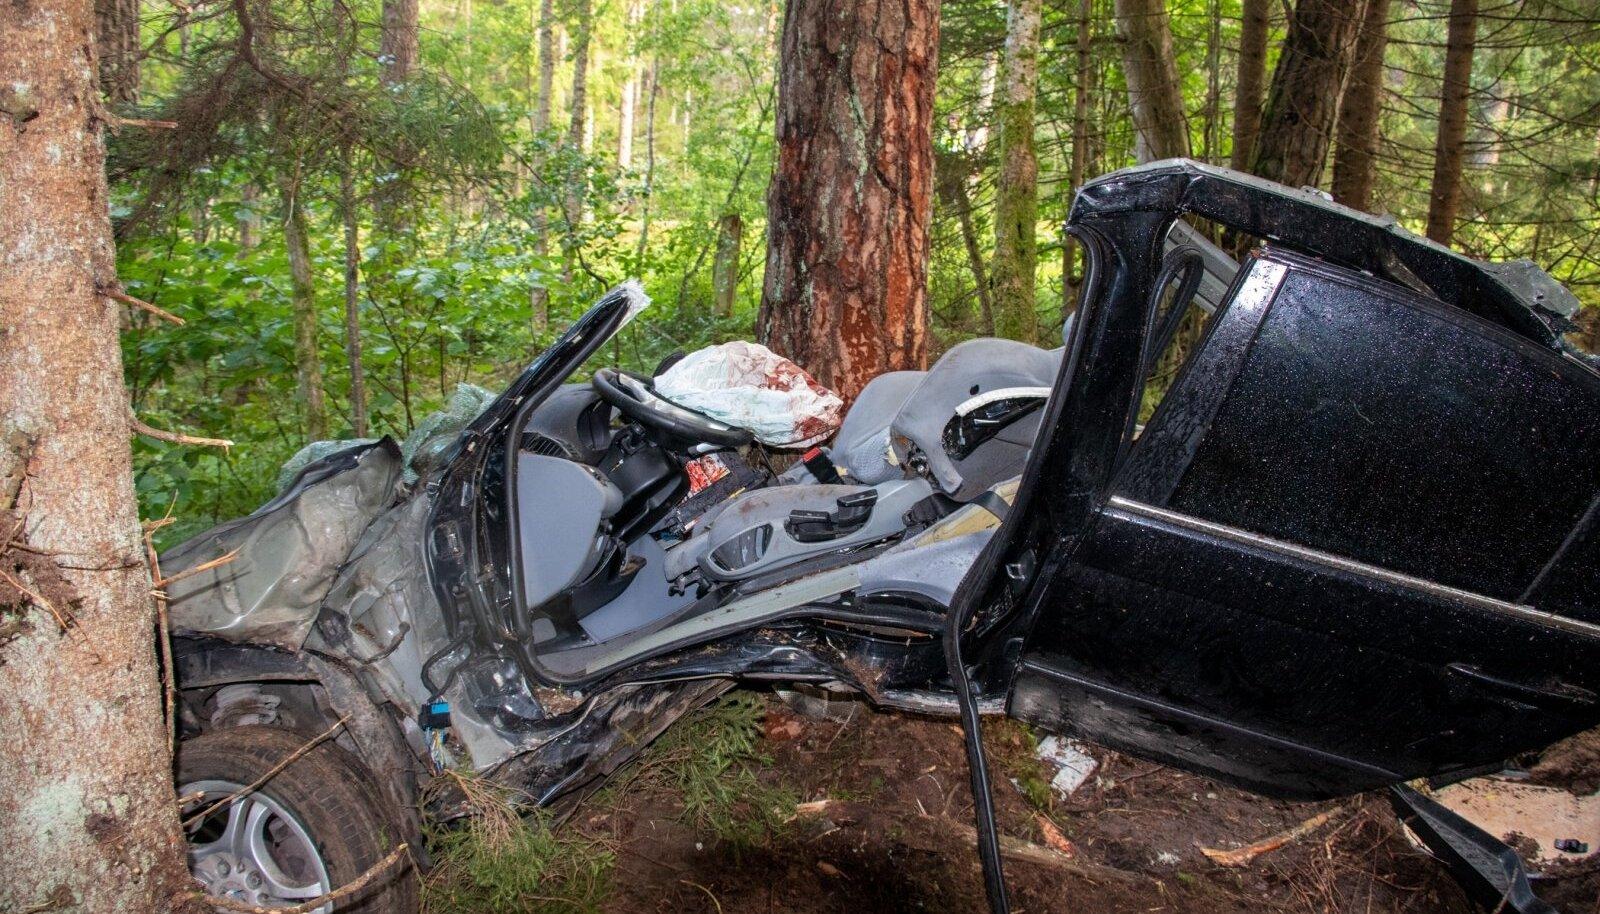 Liiklusõnnetus BMWga Saaremaal.